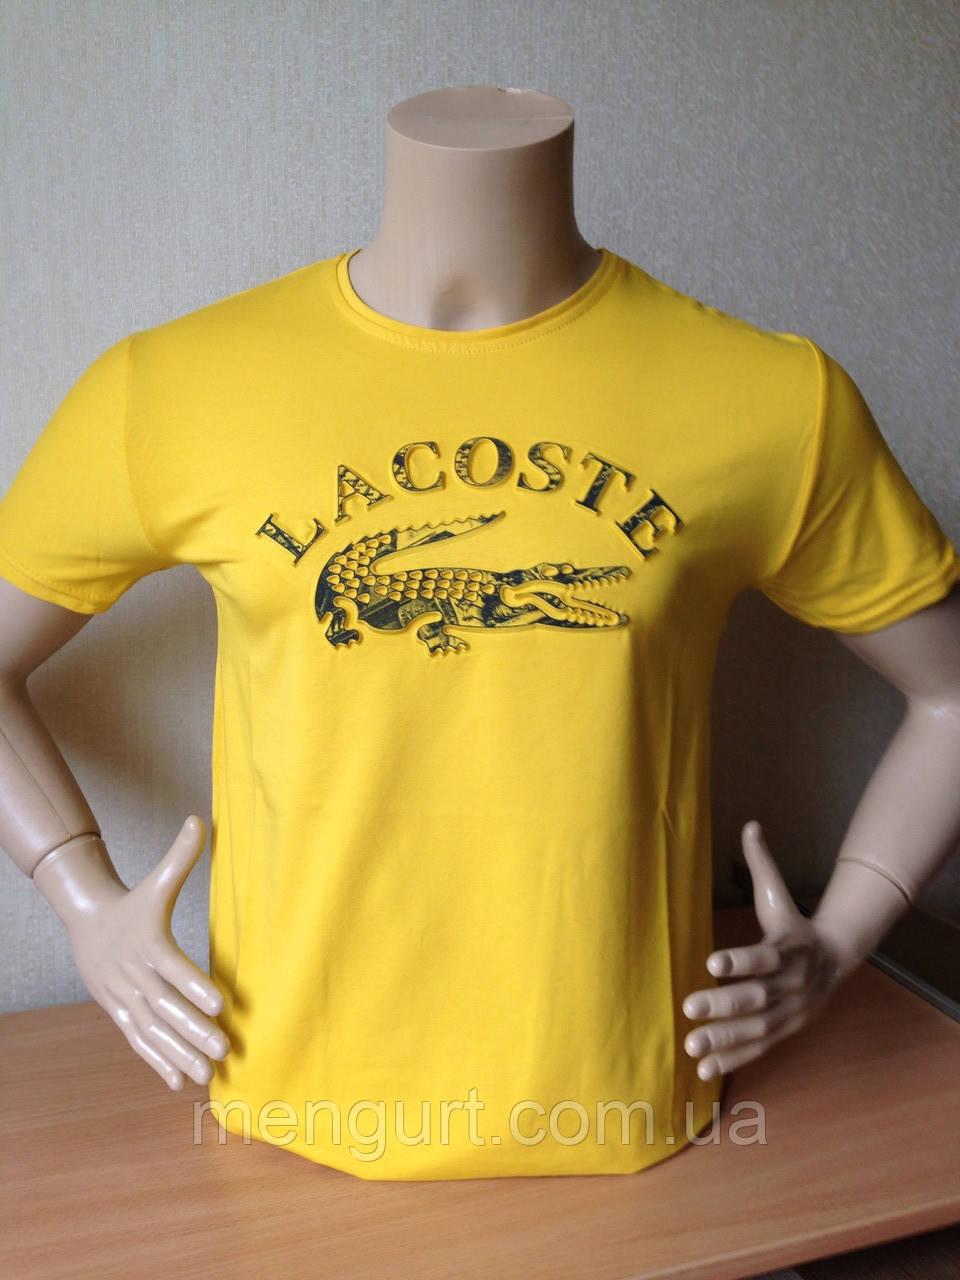 Футболка мужская молодежная 3d лакостаТурция Lacoste